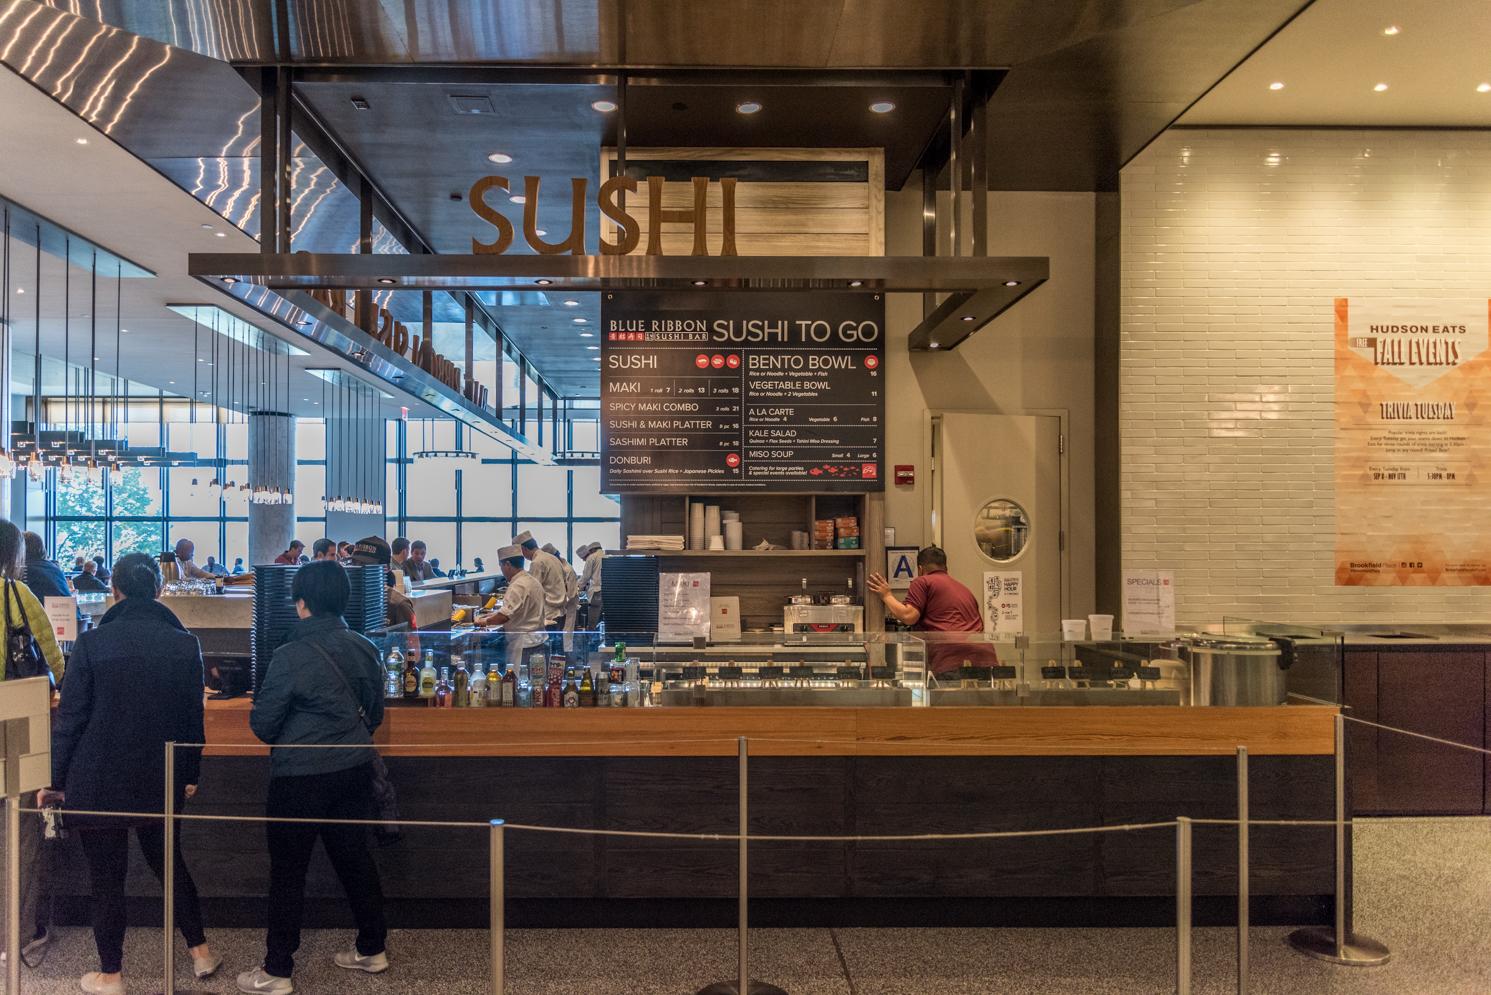 ROCK MAMA NYC LIFESTYLE BLOG - BLUE RIBBON SUSHI AT BROOKFIELD  PLACE